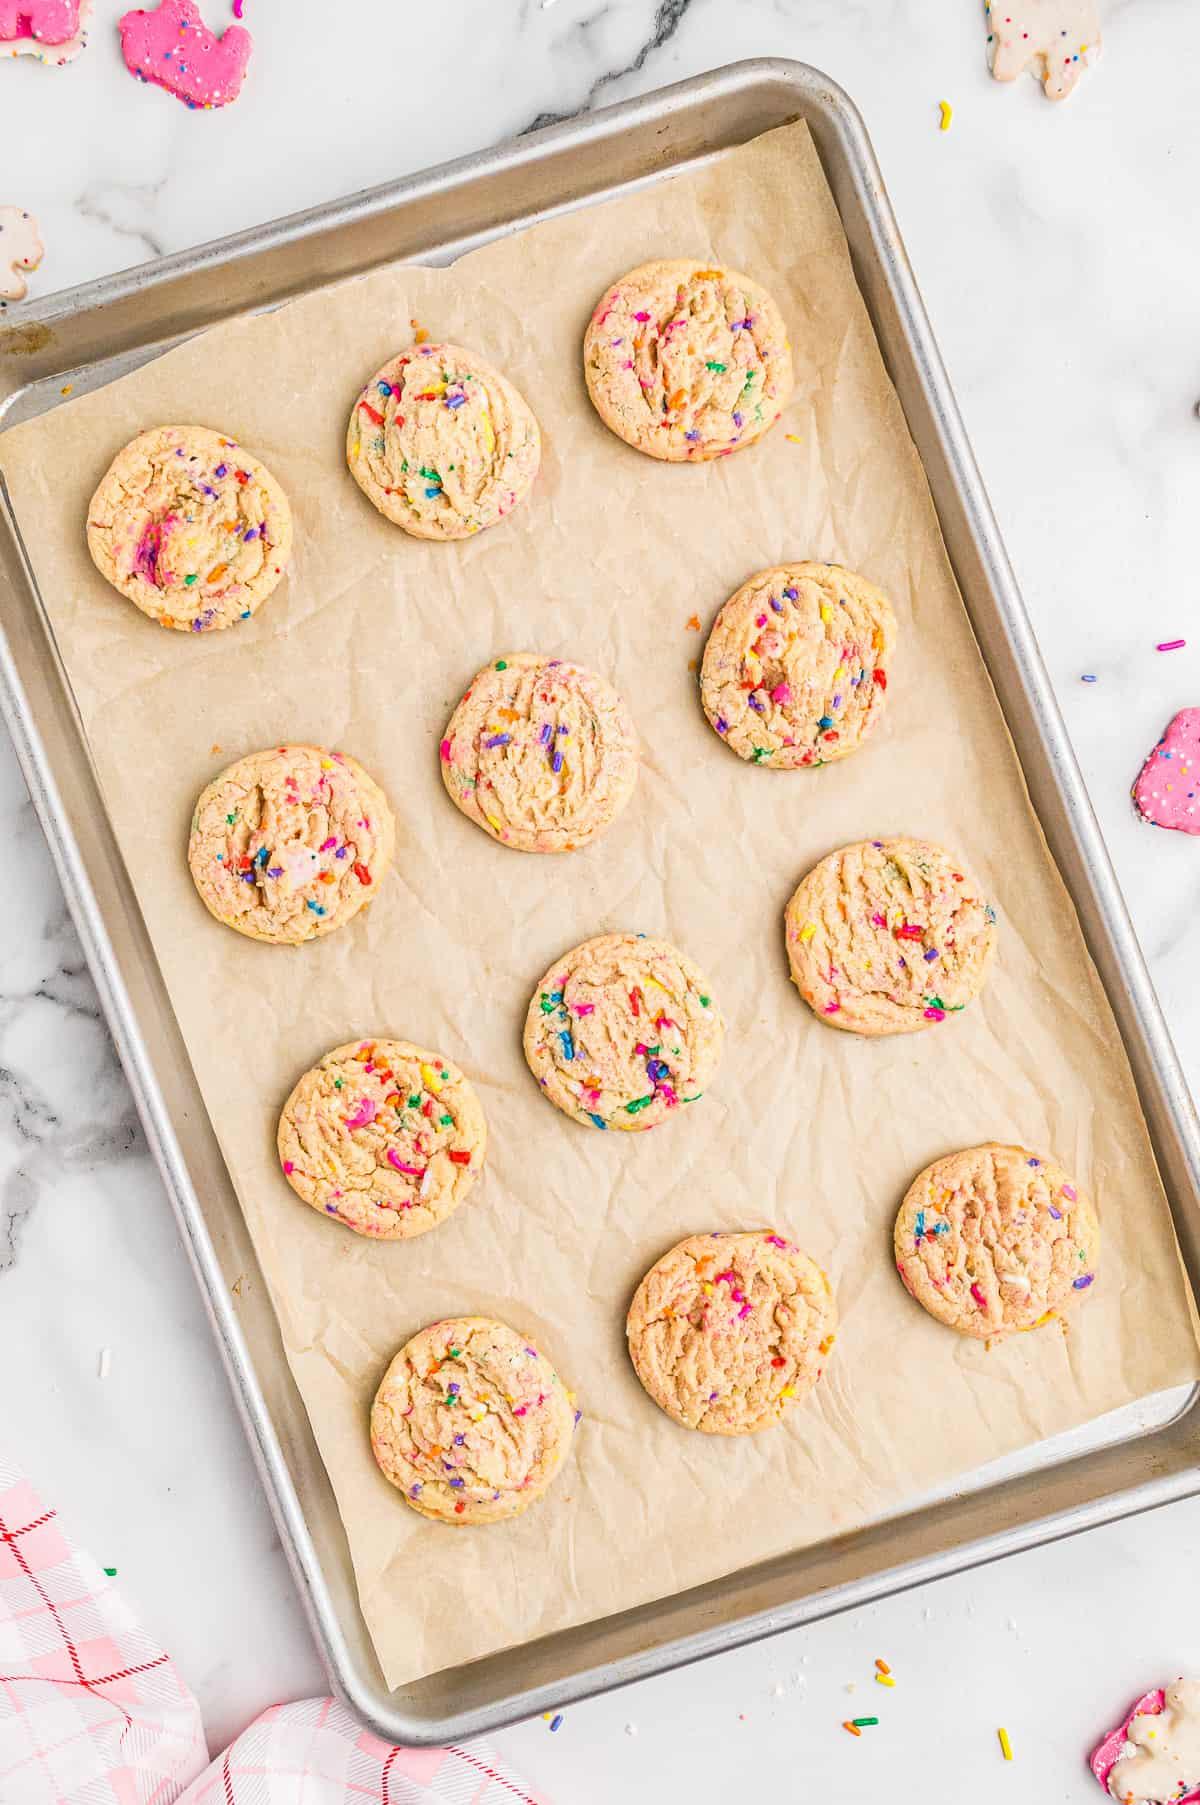 circus animal sugar cookies on baking sheet